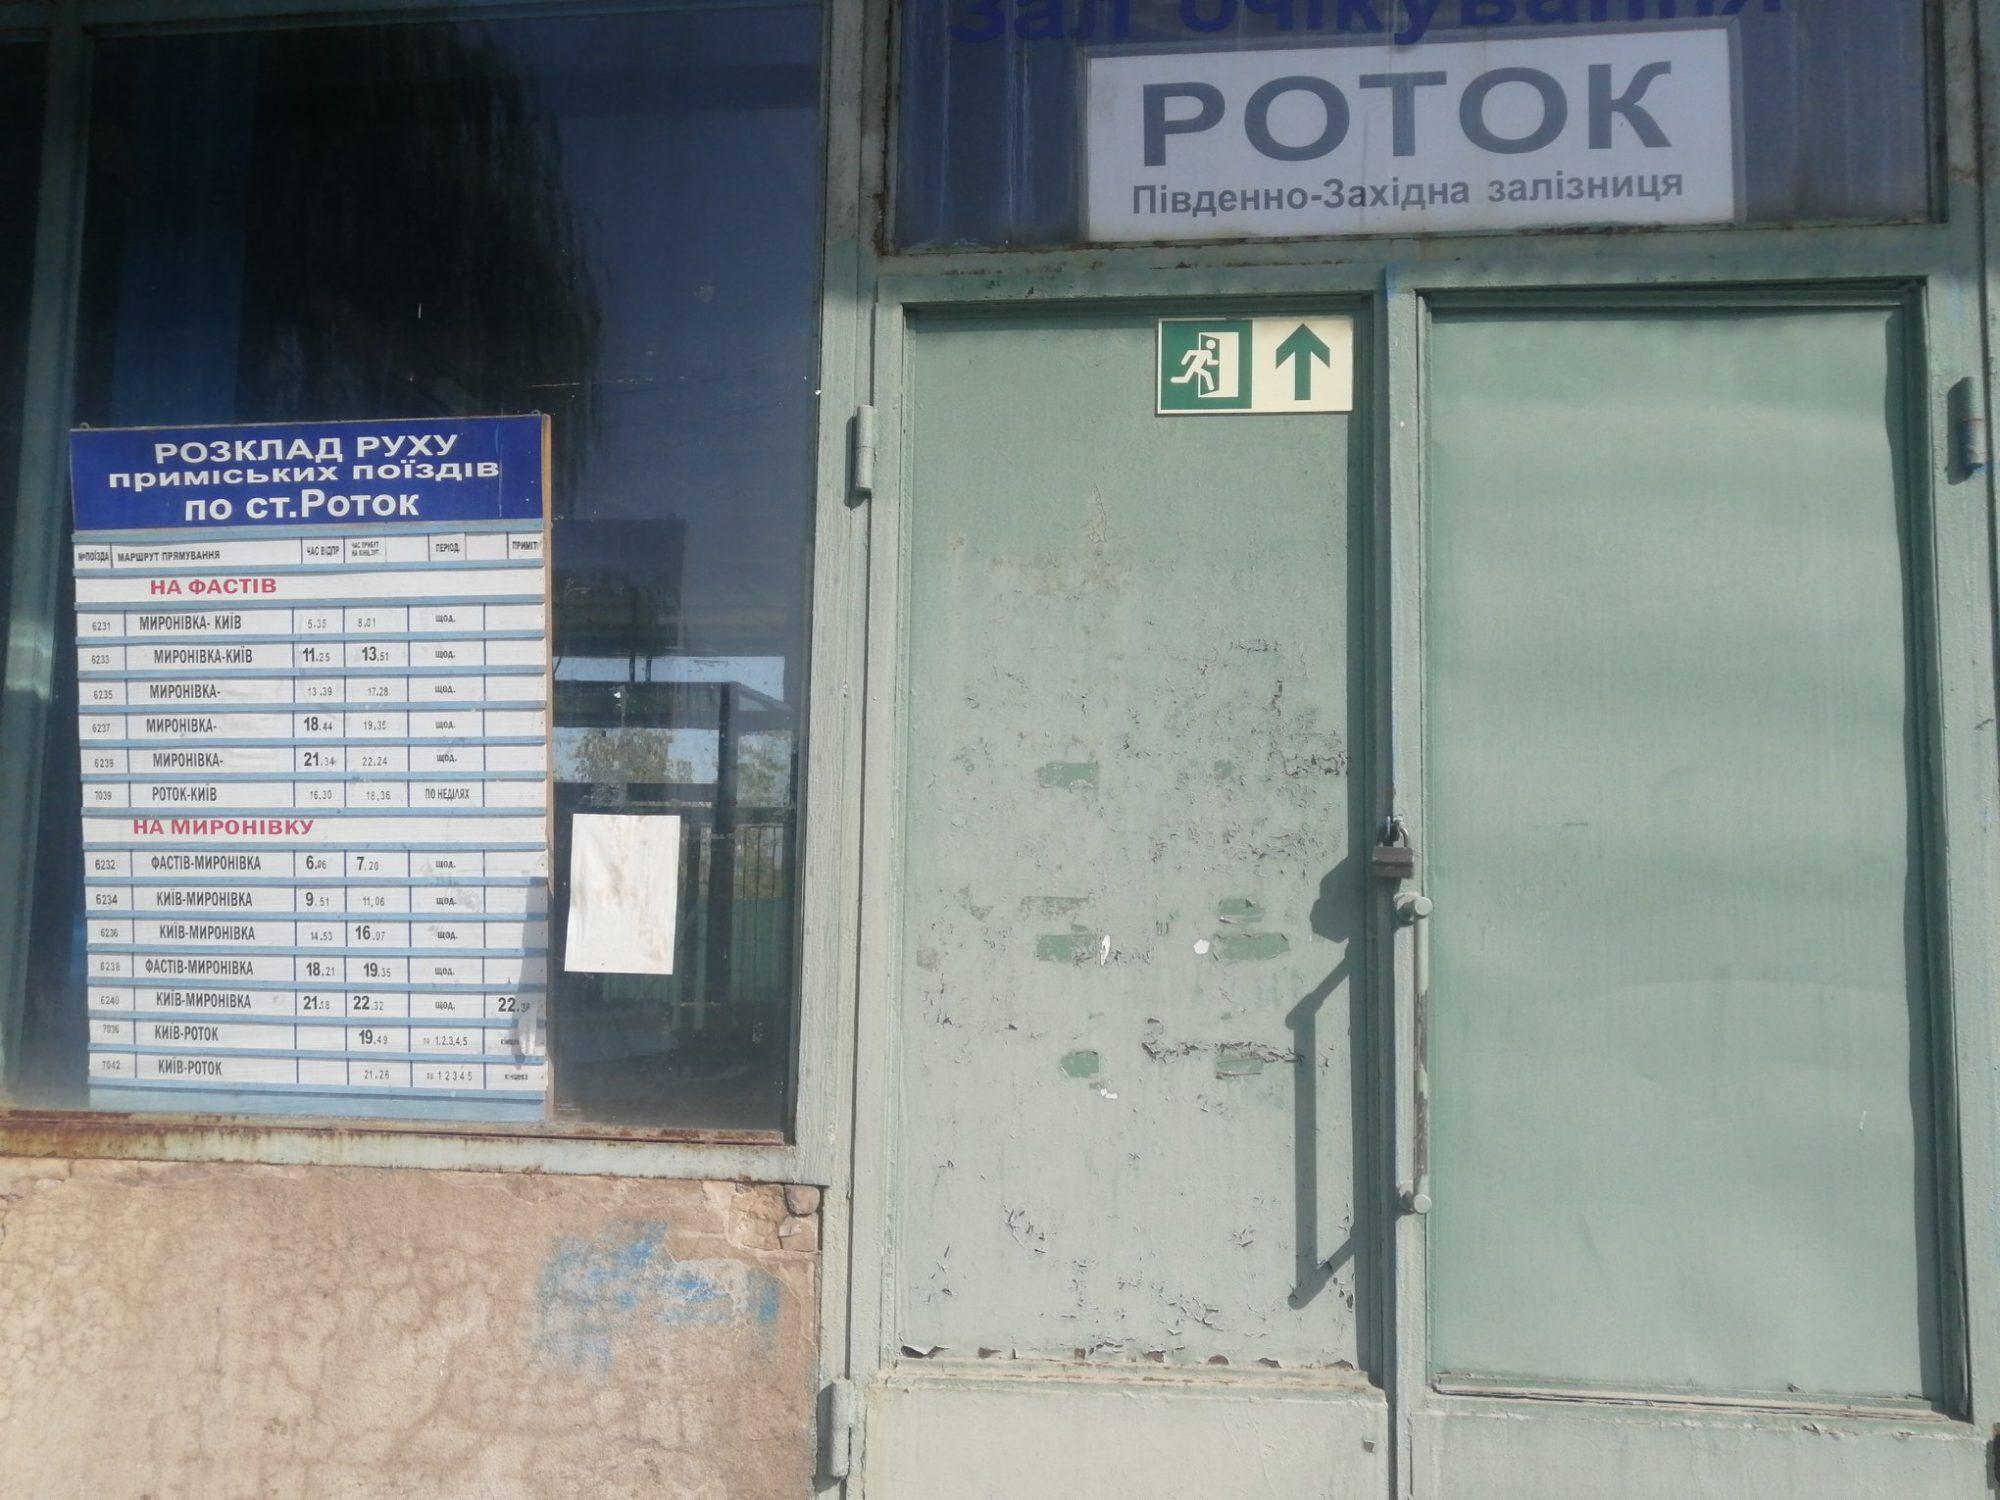 Станція Роток в занепаді: білоцерківські депутати звернулись до «Укрзалізниці» -  - 73515591 767913433660832 3231008763255193600 o 2000x1500